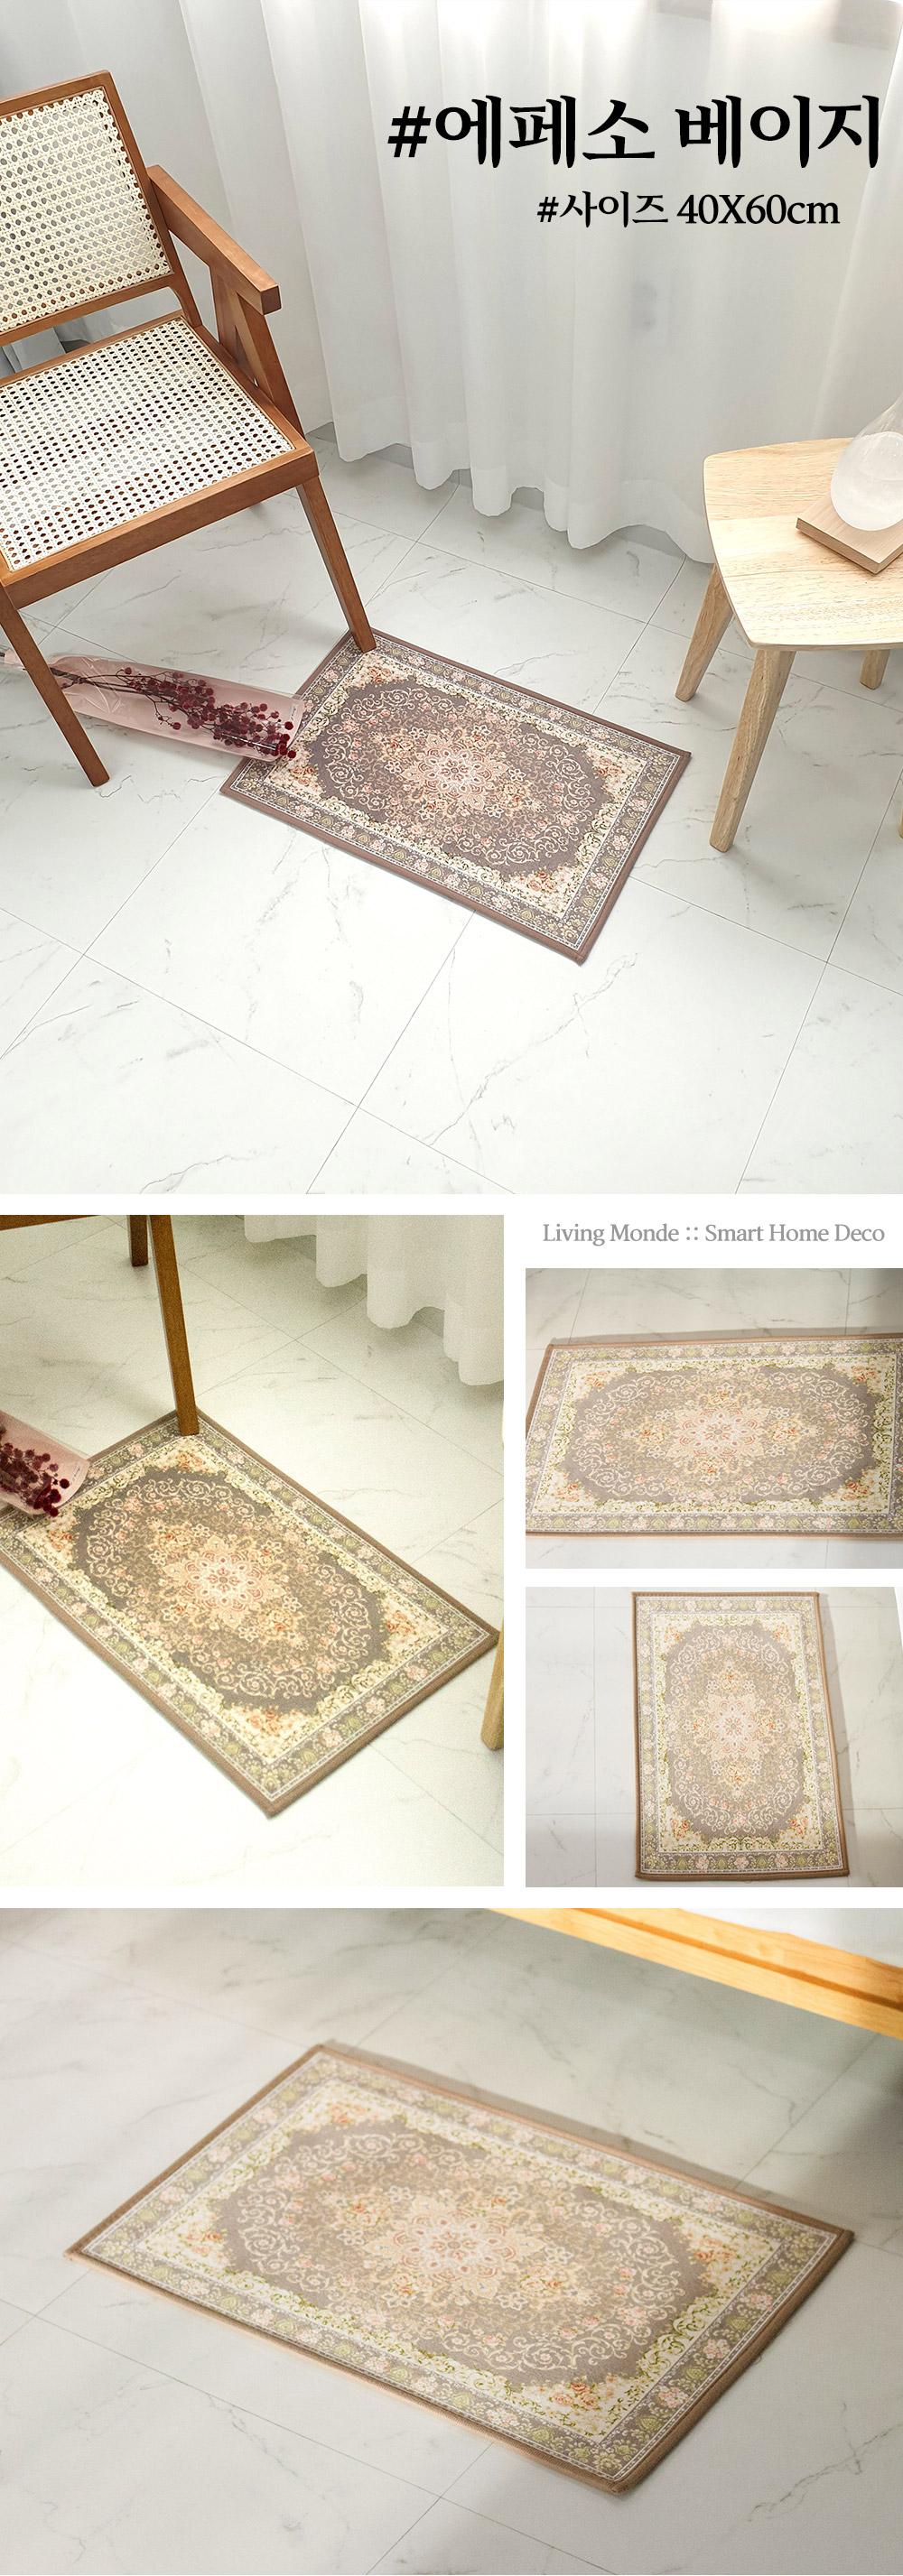 모로코 타일 페르시안문향 발매트 40X60cm - 리빙몽드, 14,900원, 디자인 발매트, 디자인